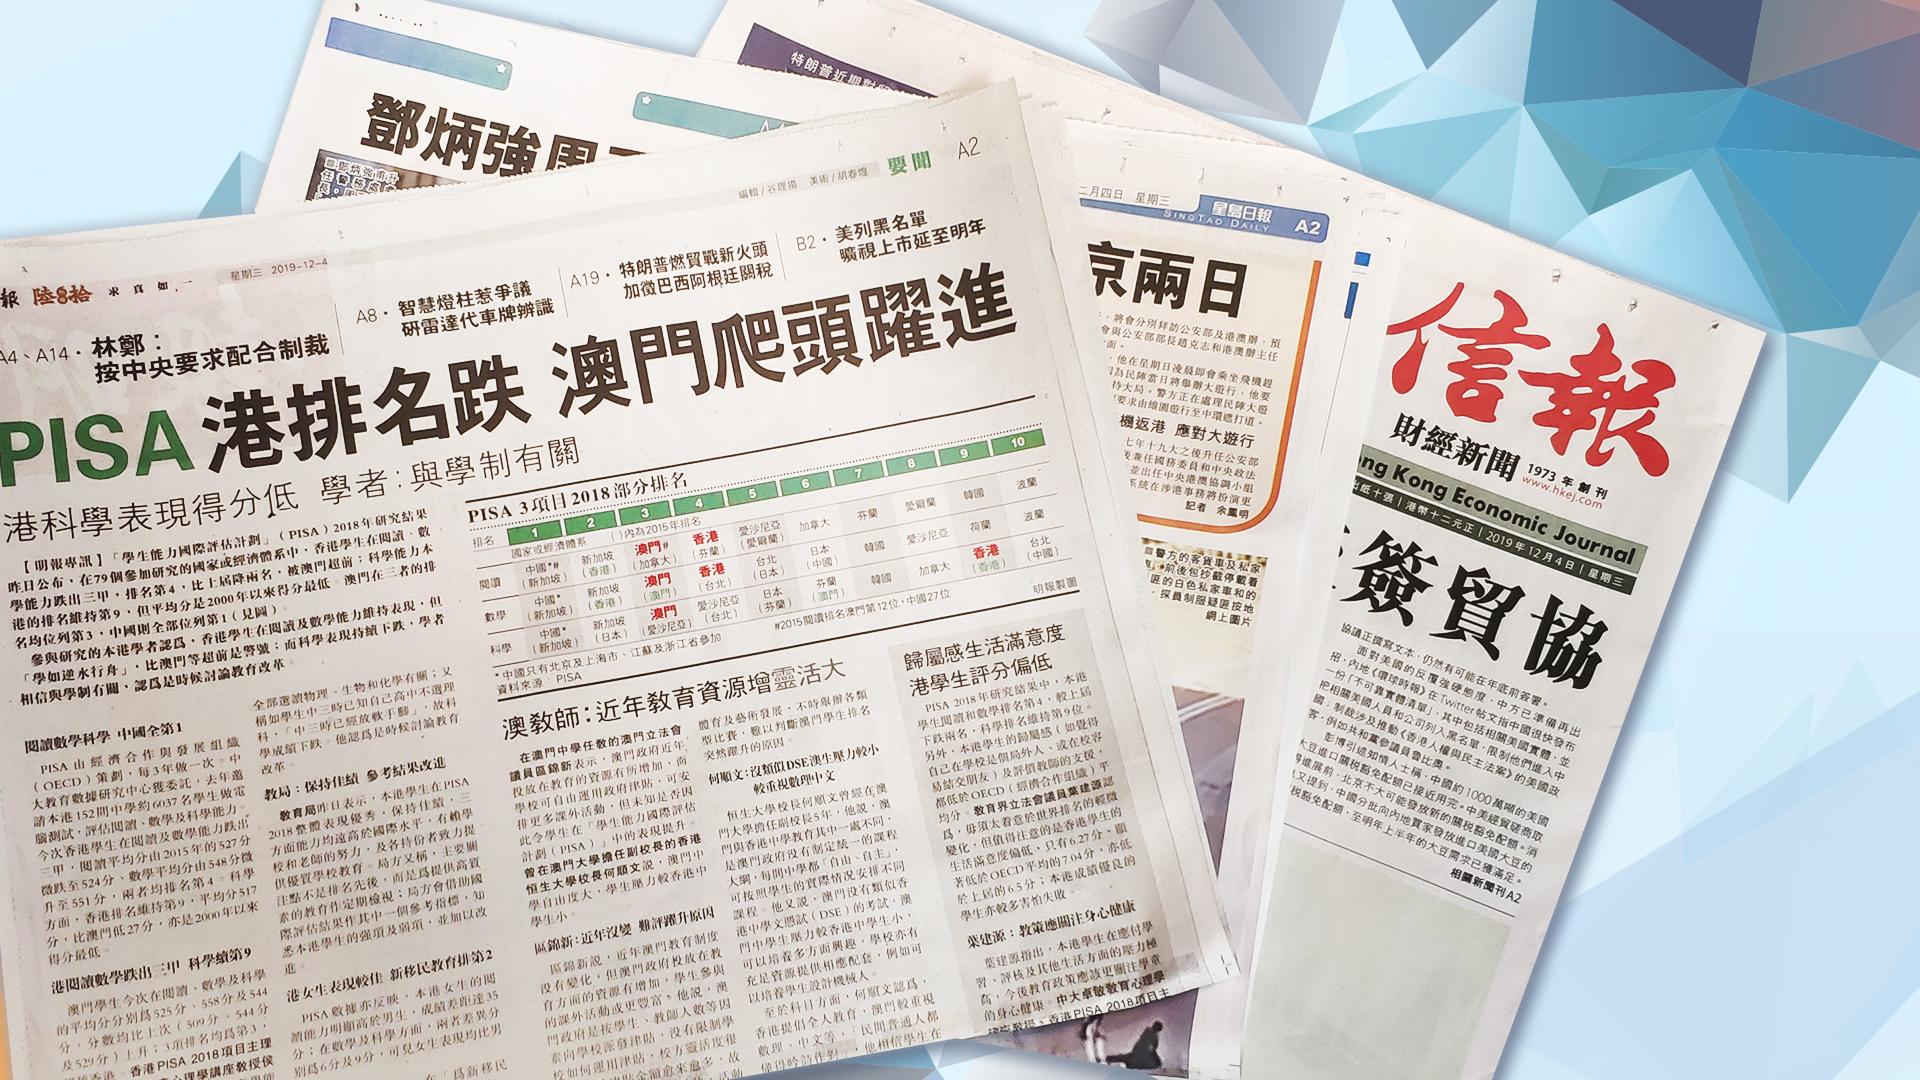 【報章A1速覽】PISA港排名跌 港科學表現得分低 學者:與學制有關;鄧炳強周五以「一哥」身分訪京兩日